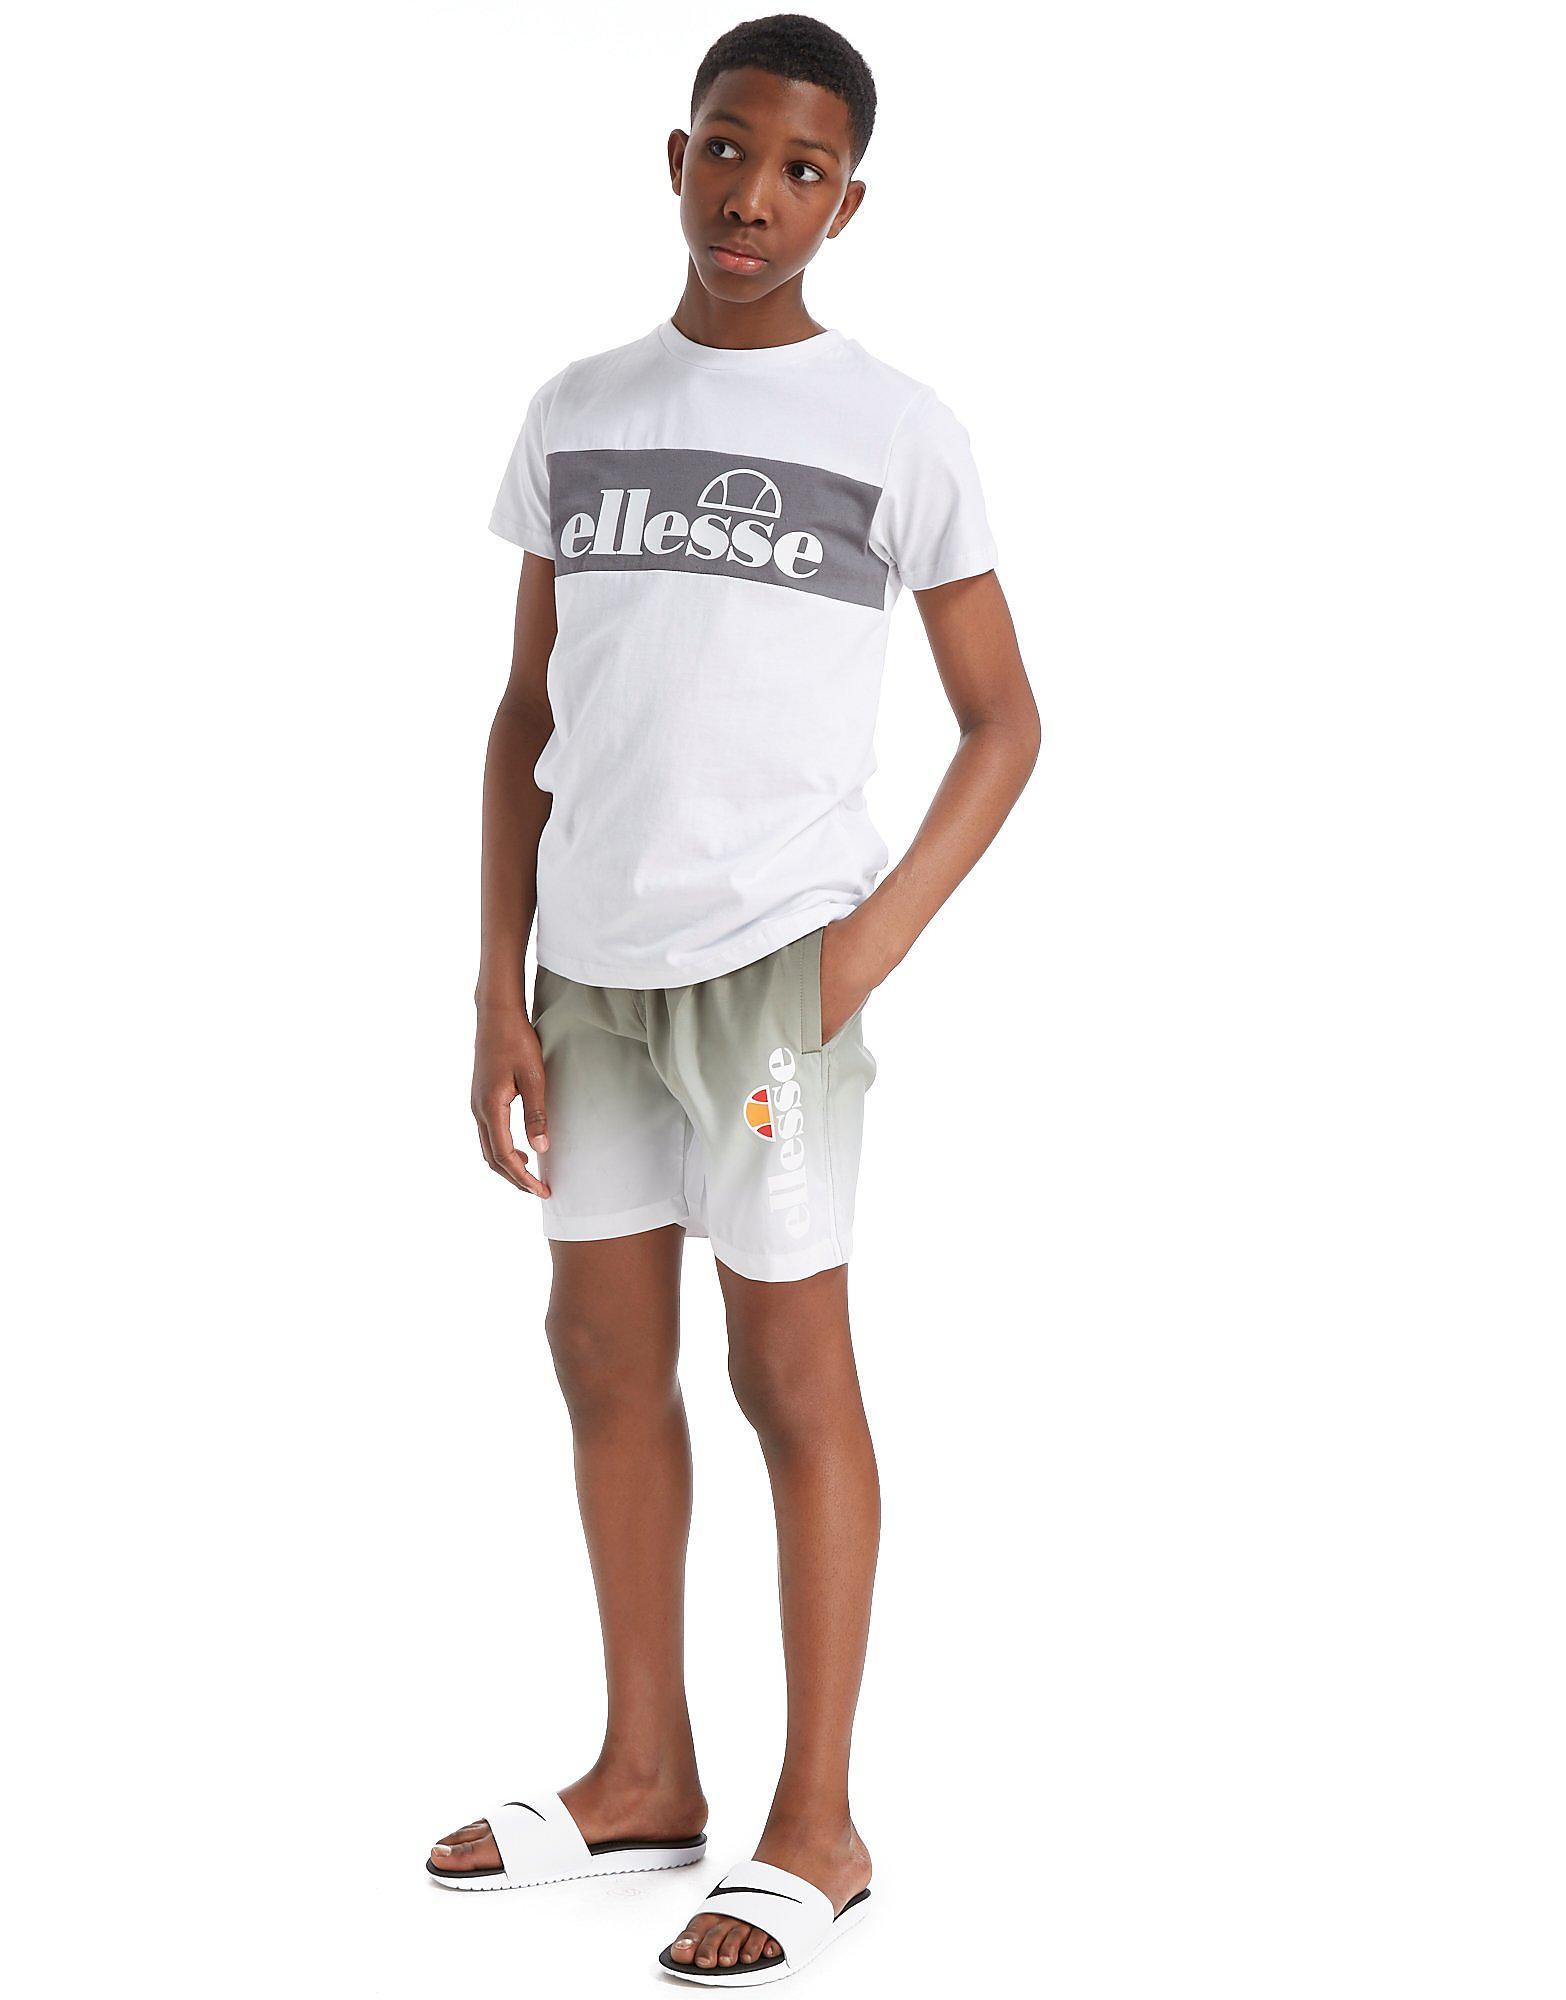 Ellesse Delto Fade Swim Shorts Junior